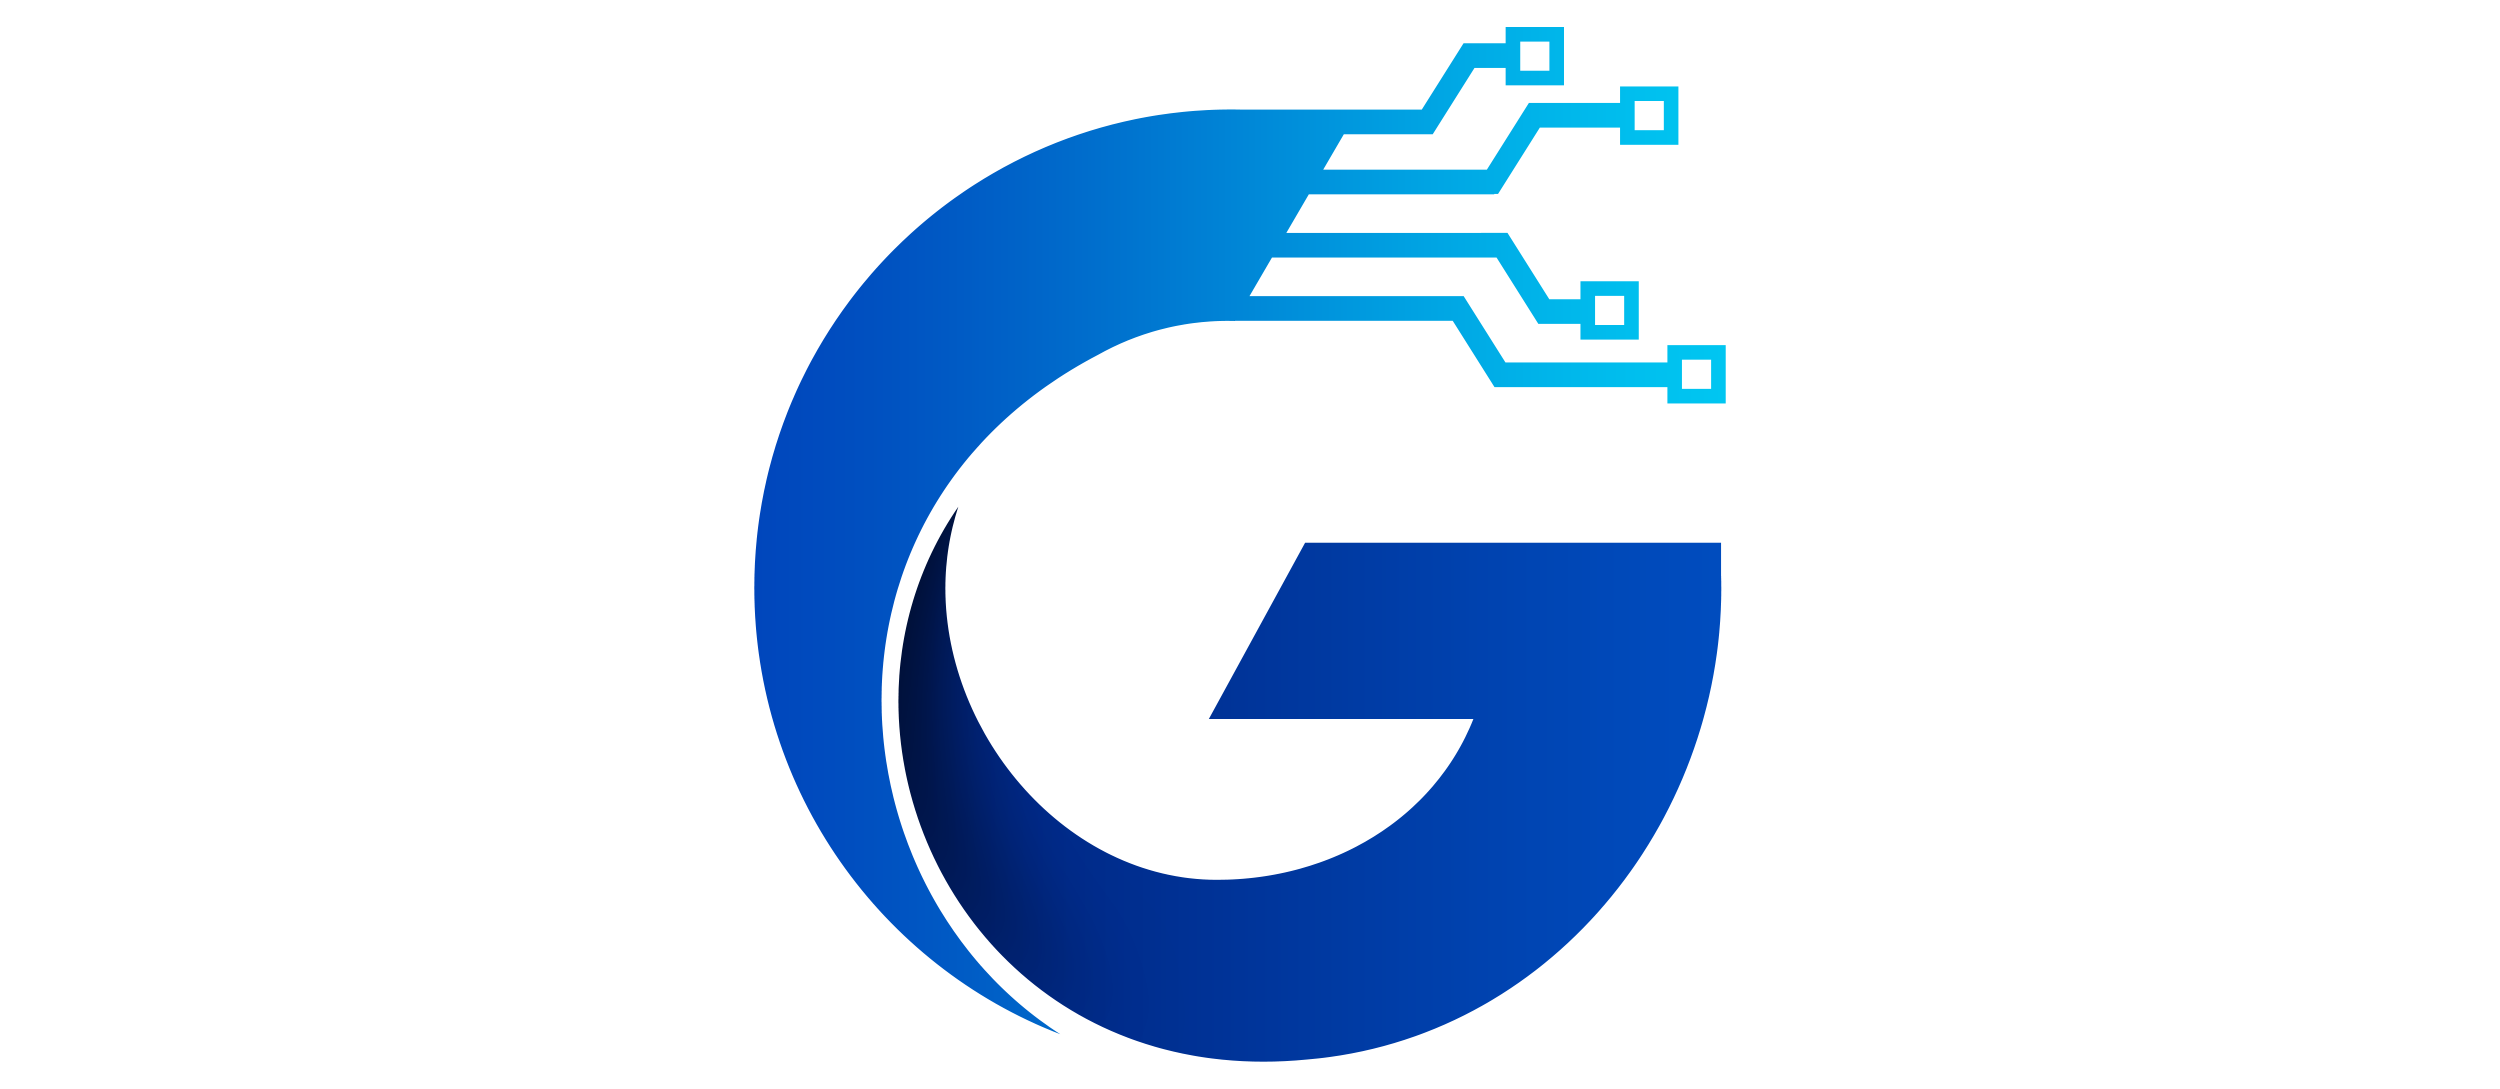 cropped-Gestalt-Logo-FA-1-4.png